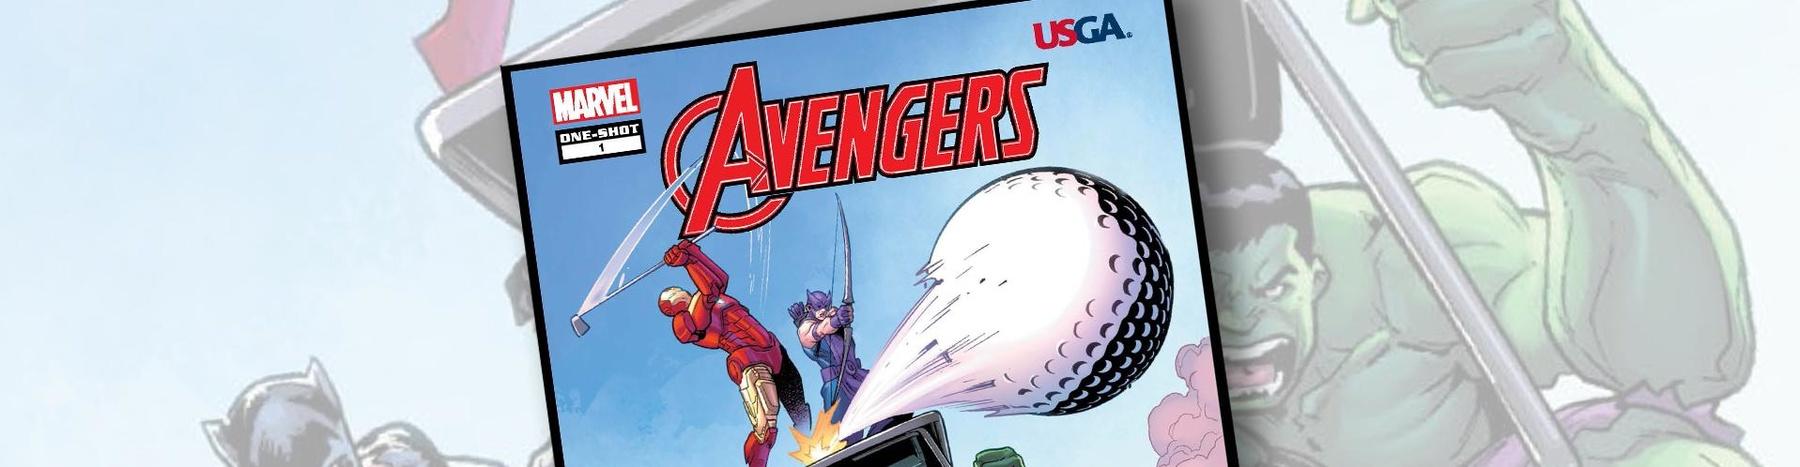 AvengerscropCover_16x9